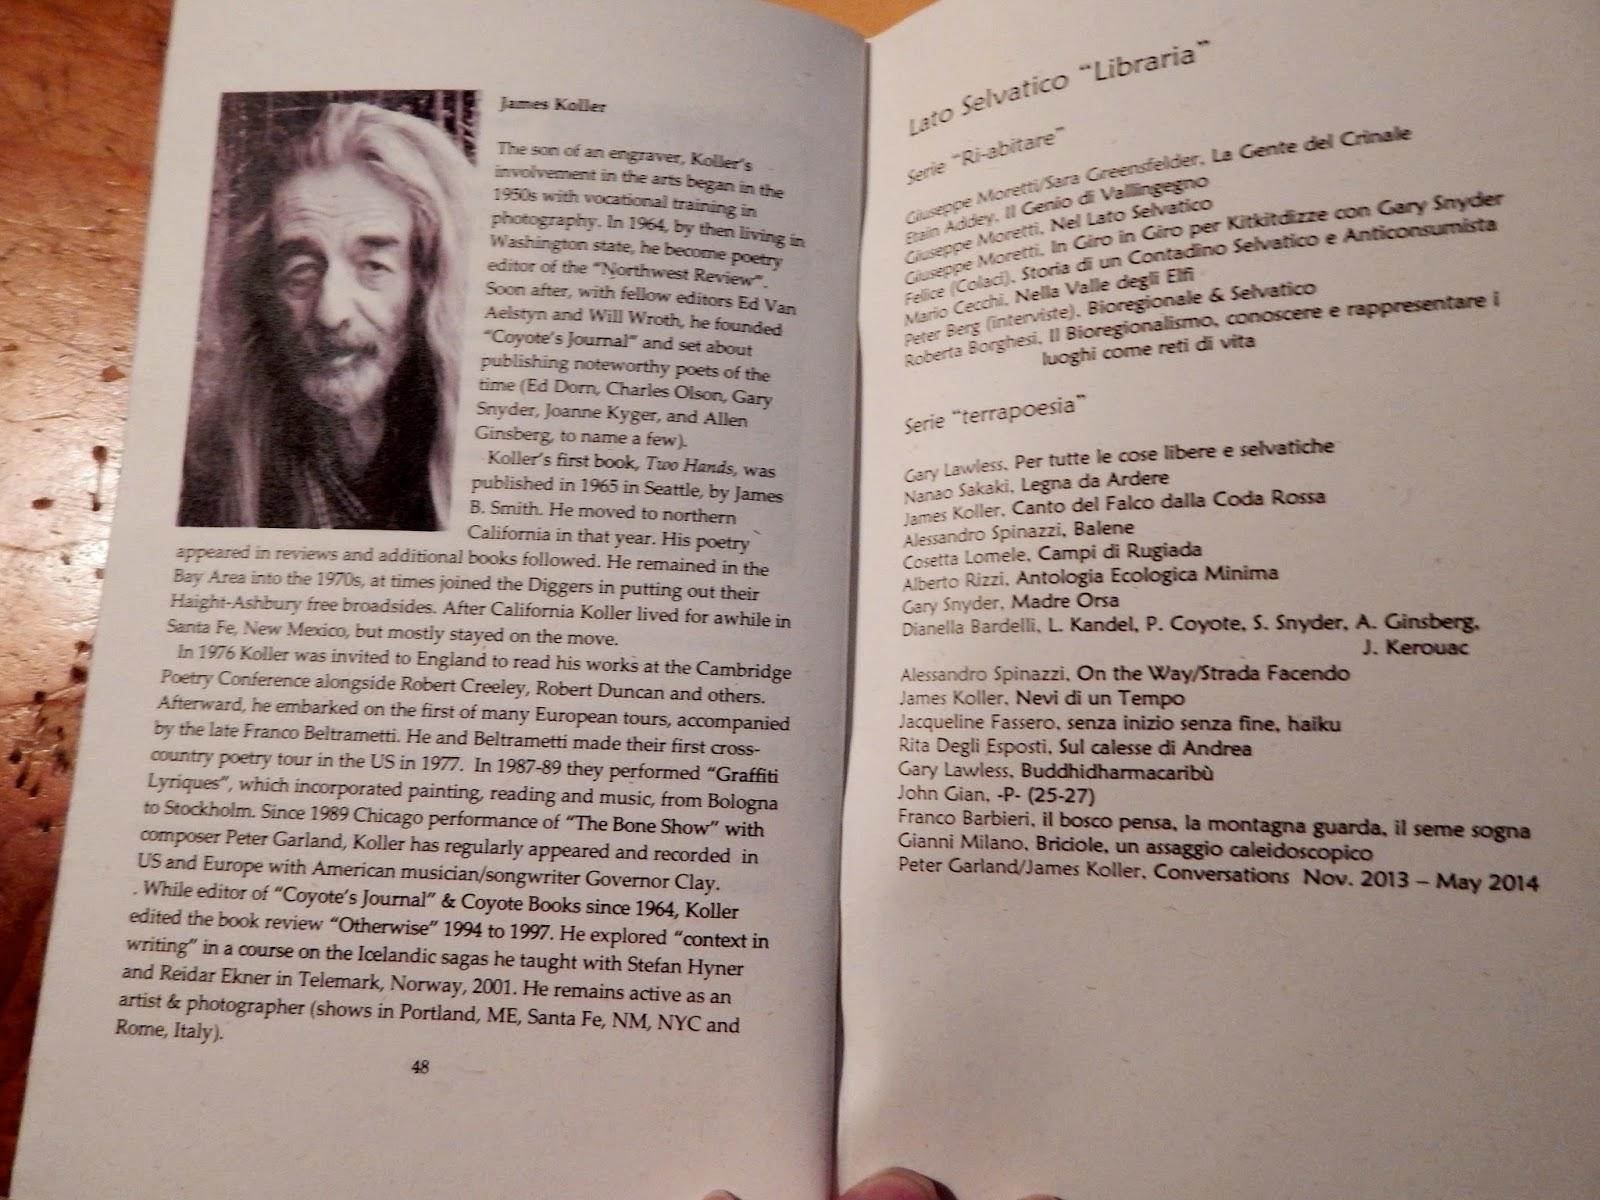 The novels of the Renaissance Boris Tenenbaum: a selection of sites